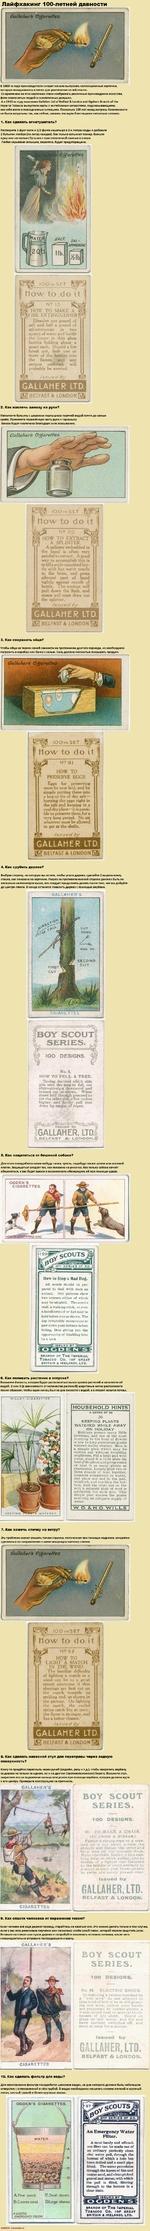 Лайфхакинг 100-летней давности ^ . , — - ■— .Щ».,,т  —--— -1'. ^ В 1880-м году производители сигарет начали выпускать коллекционные карточки, которые вкладывались в пачки для увеличения их жёсткости. Со временем на этих карточках стали изображать различные произведения искусства, фото знамени